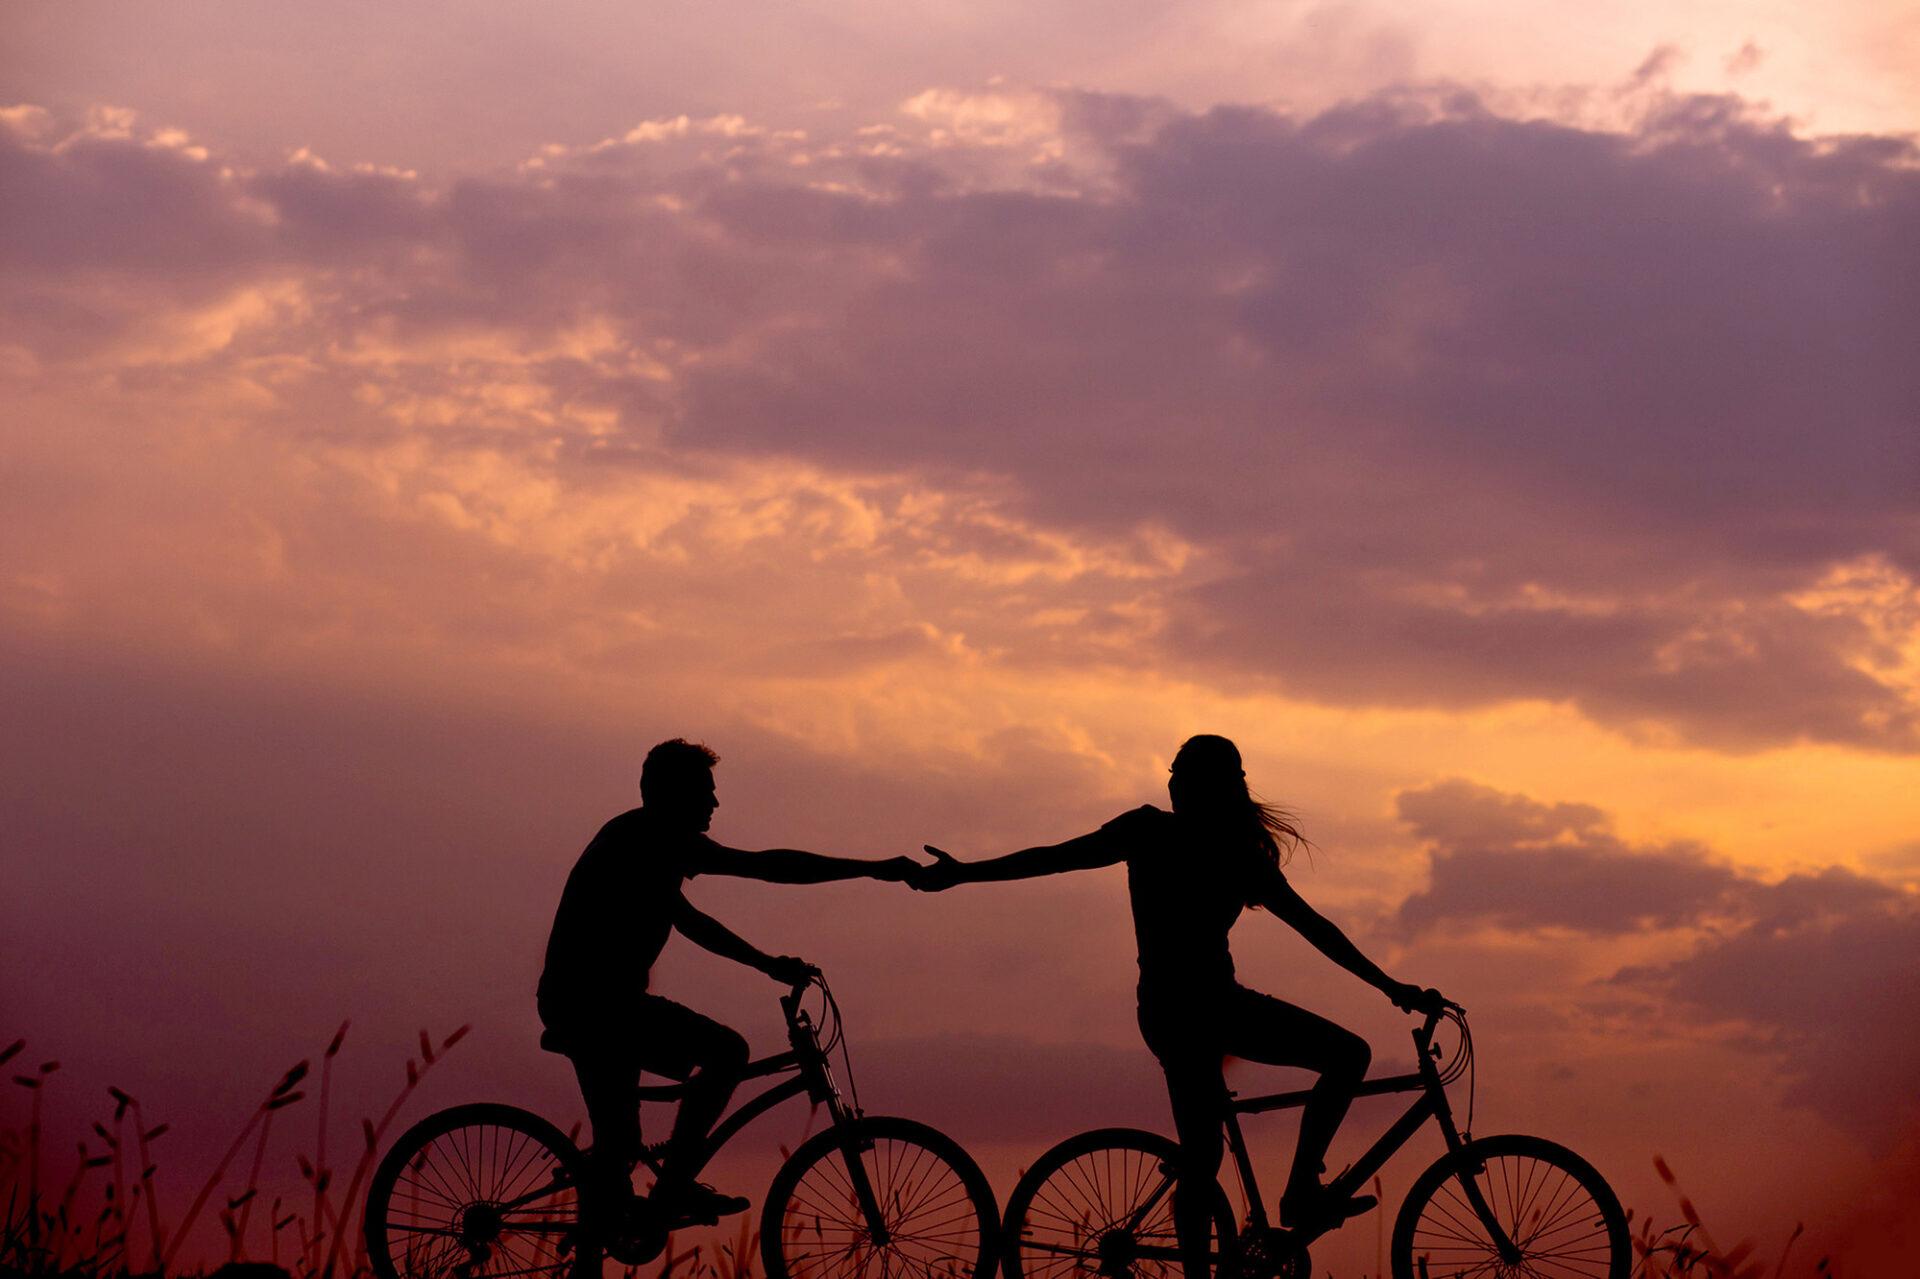 ερωτευμένο ζευγάρι που κάνει ποδήλατο στο ηλιοβασίλεμα